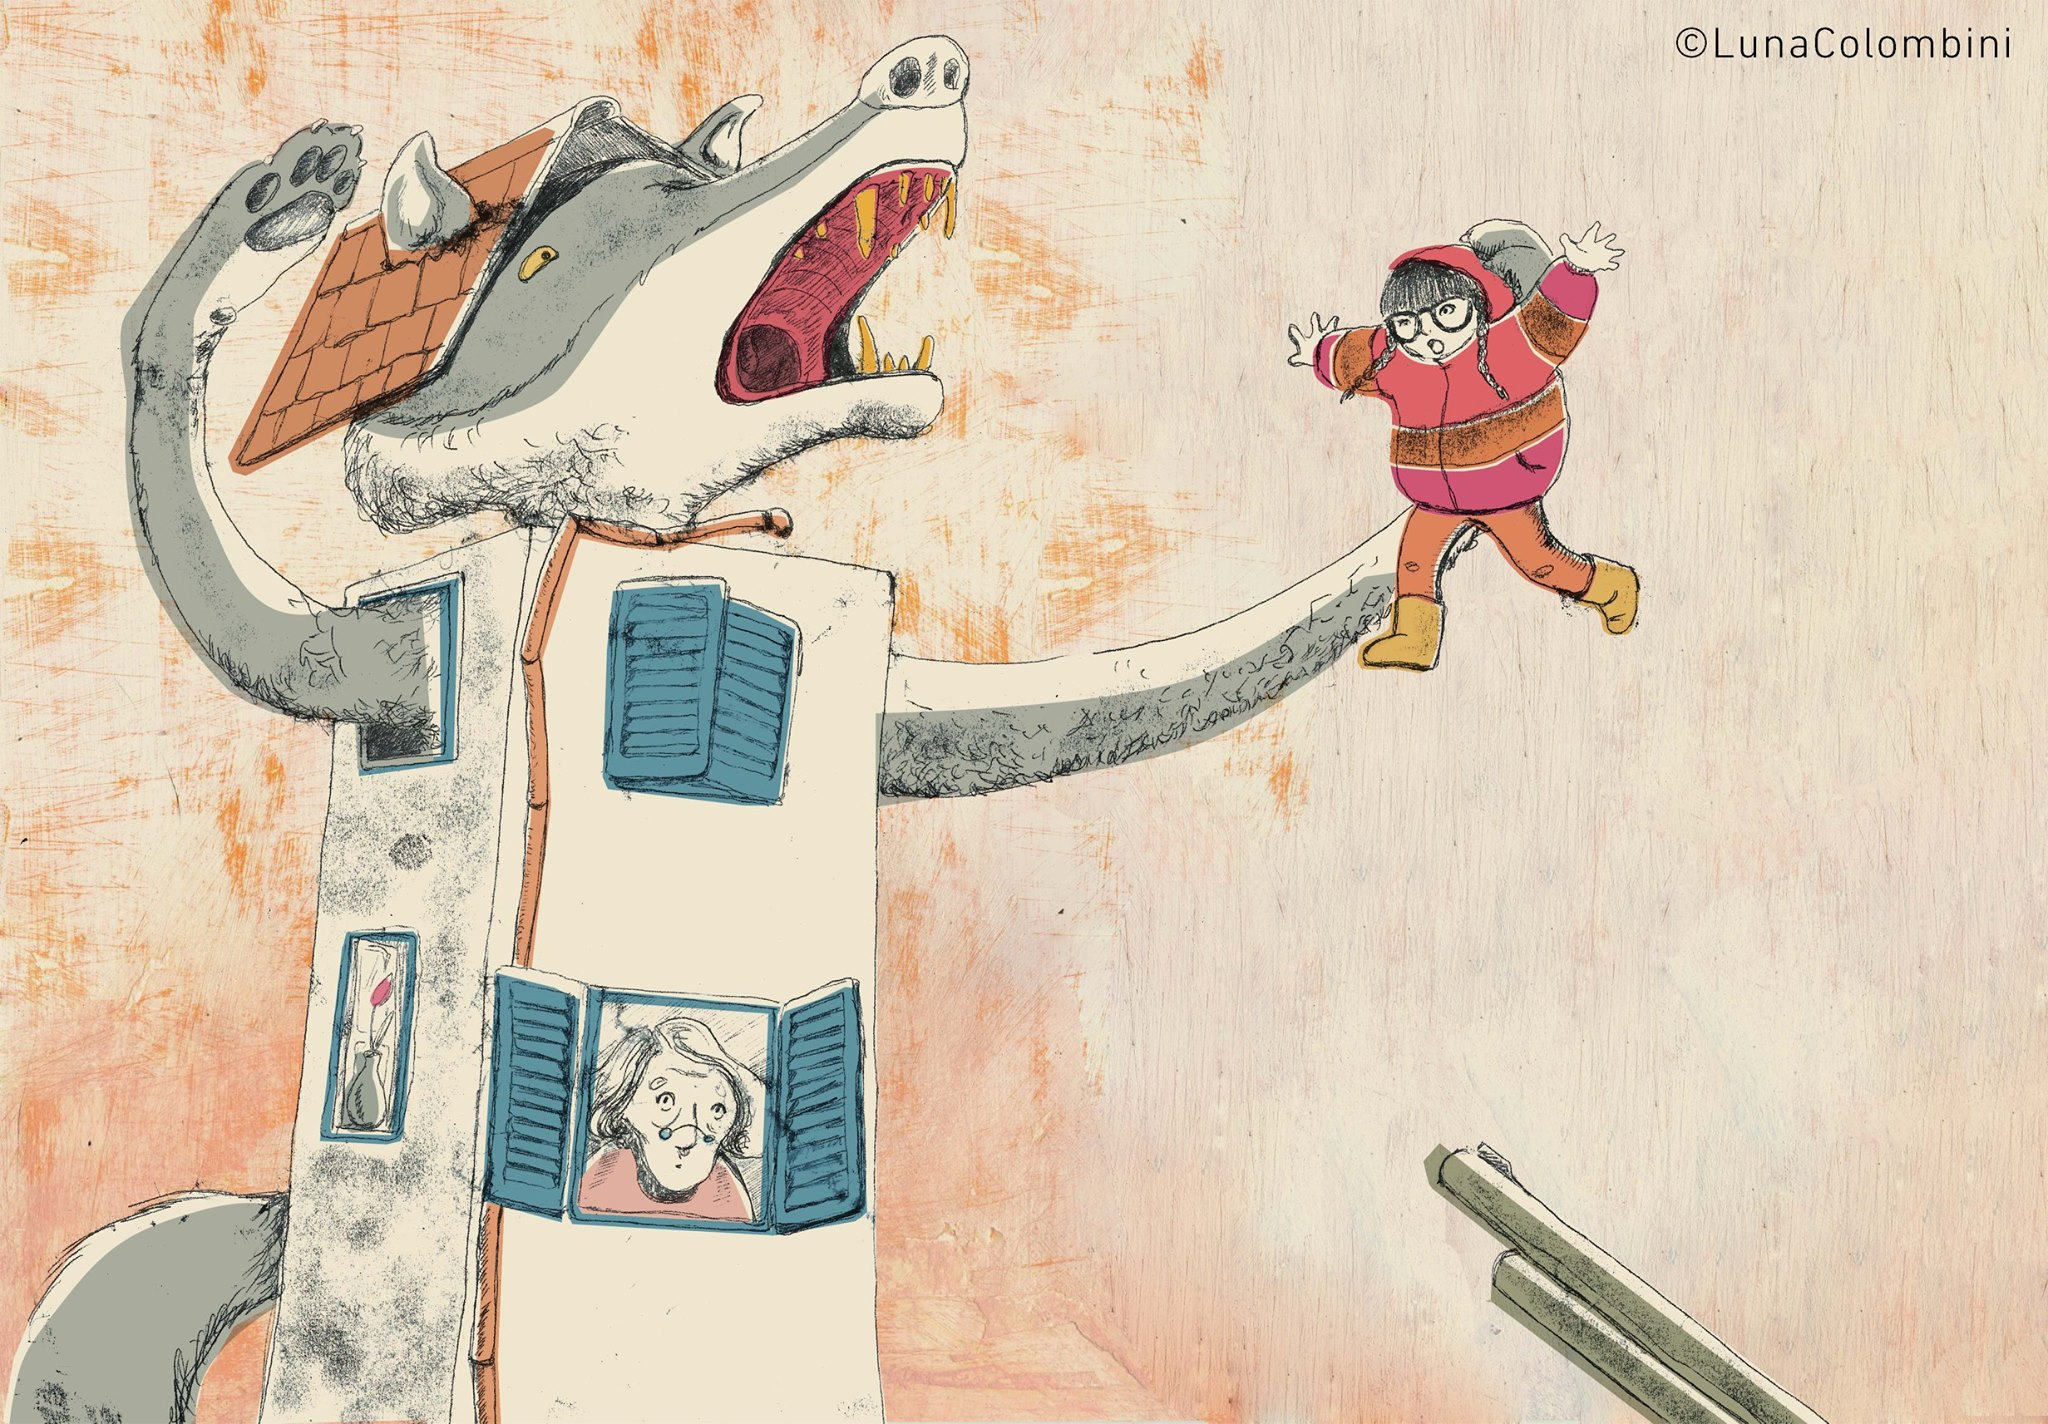 Concorso di Illustrazione Notte di Fiaba - Luna Colombini